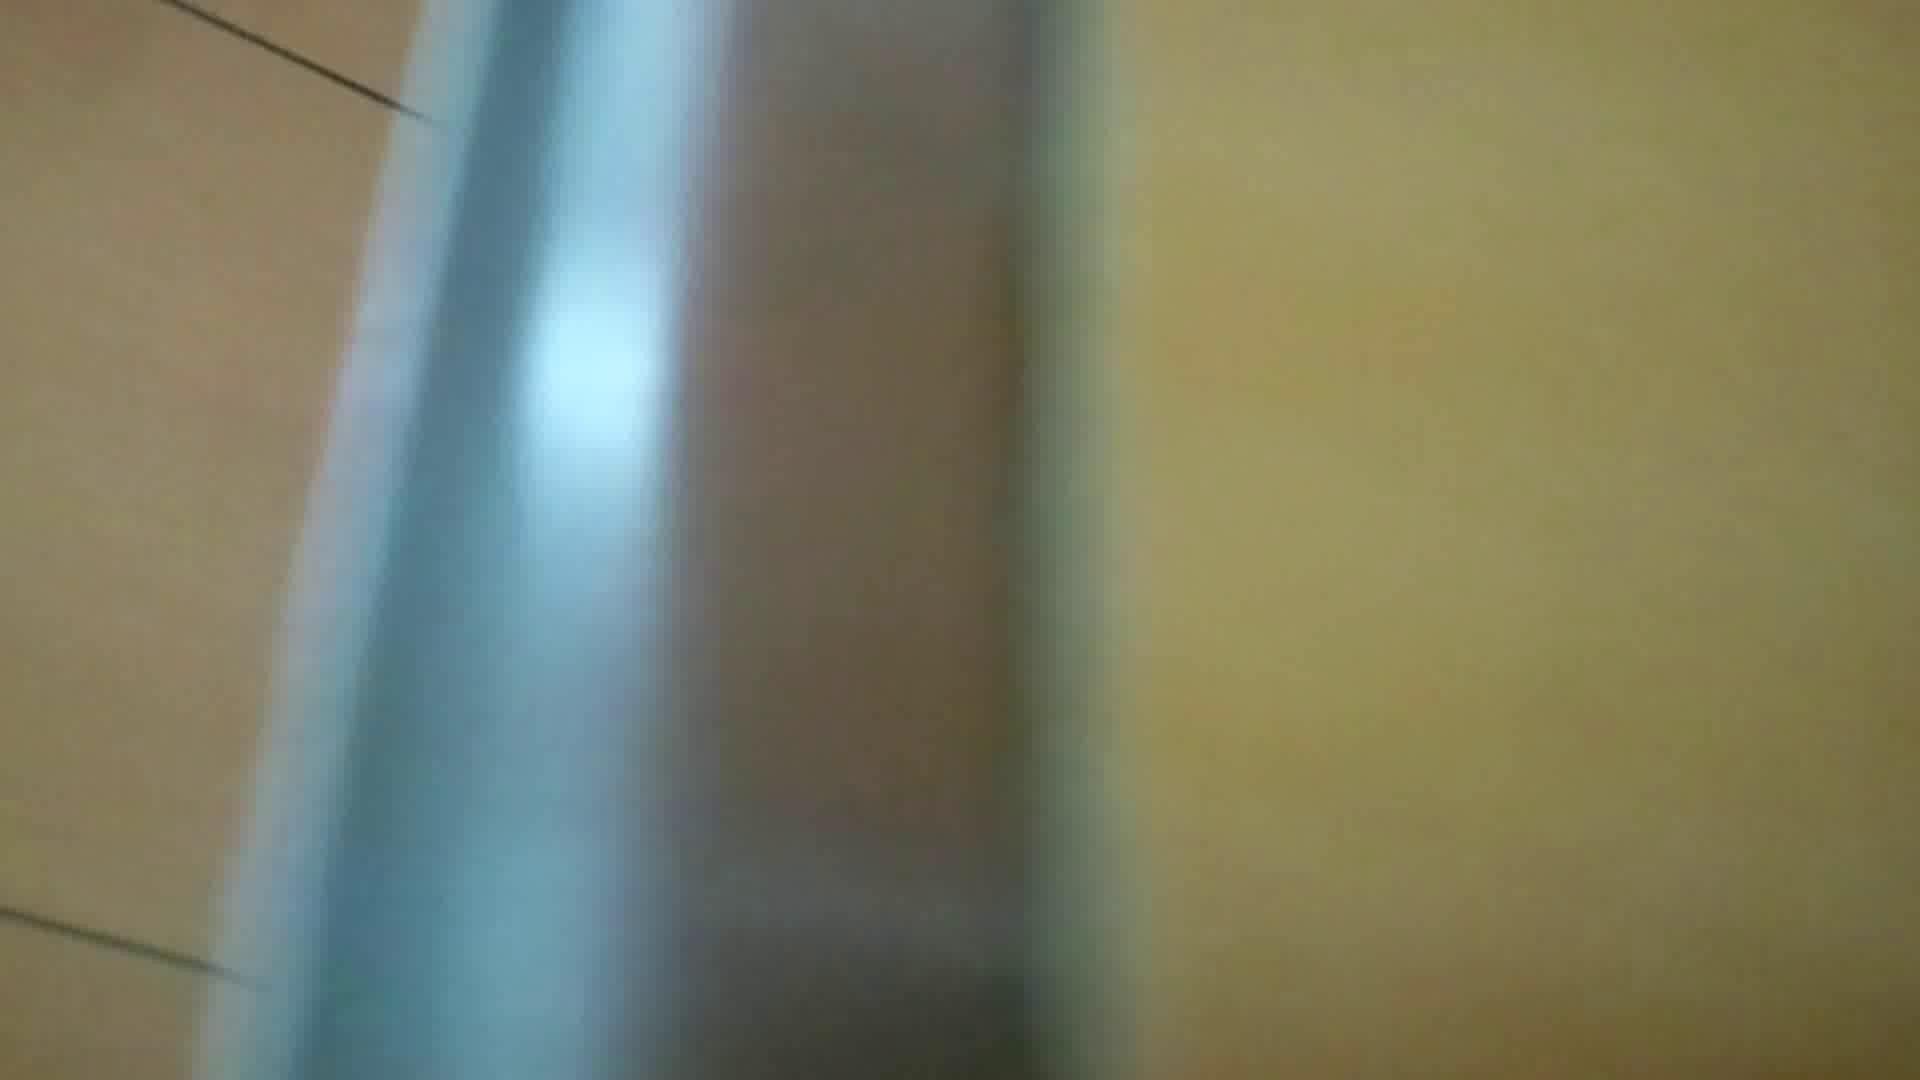 化粧室絵巻 商い場編 VOL.14 エッチなお姉さん すけべAV動画紹介 50画像 43